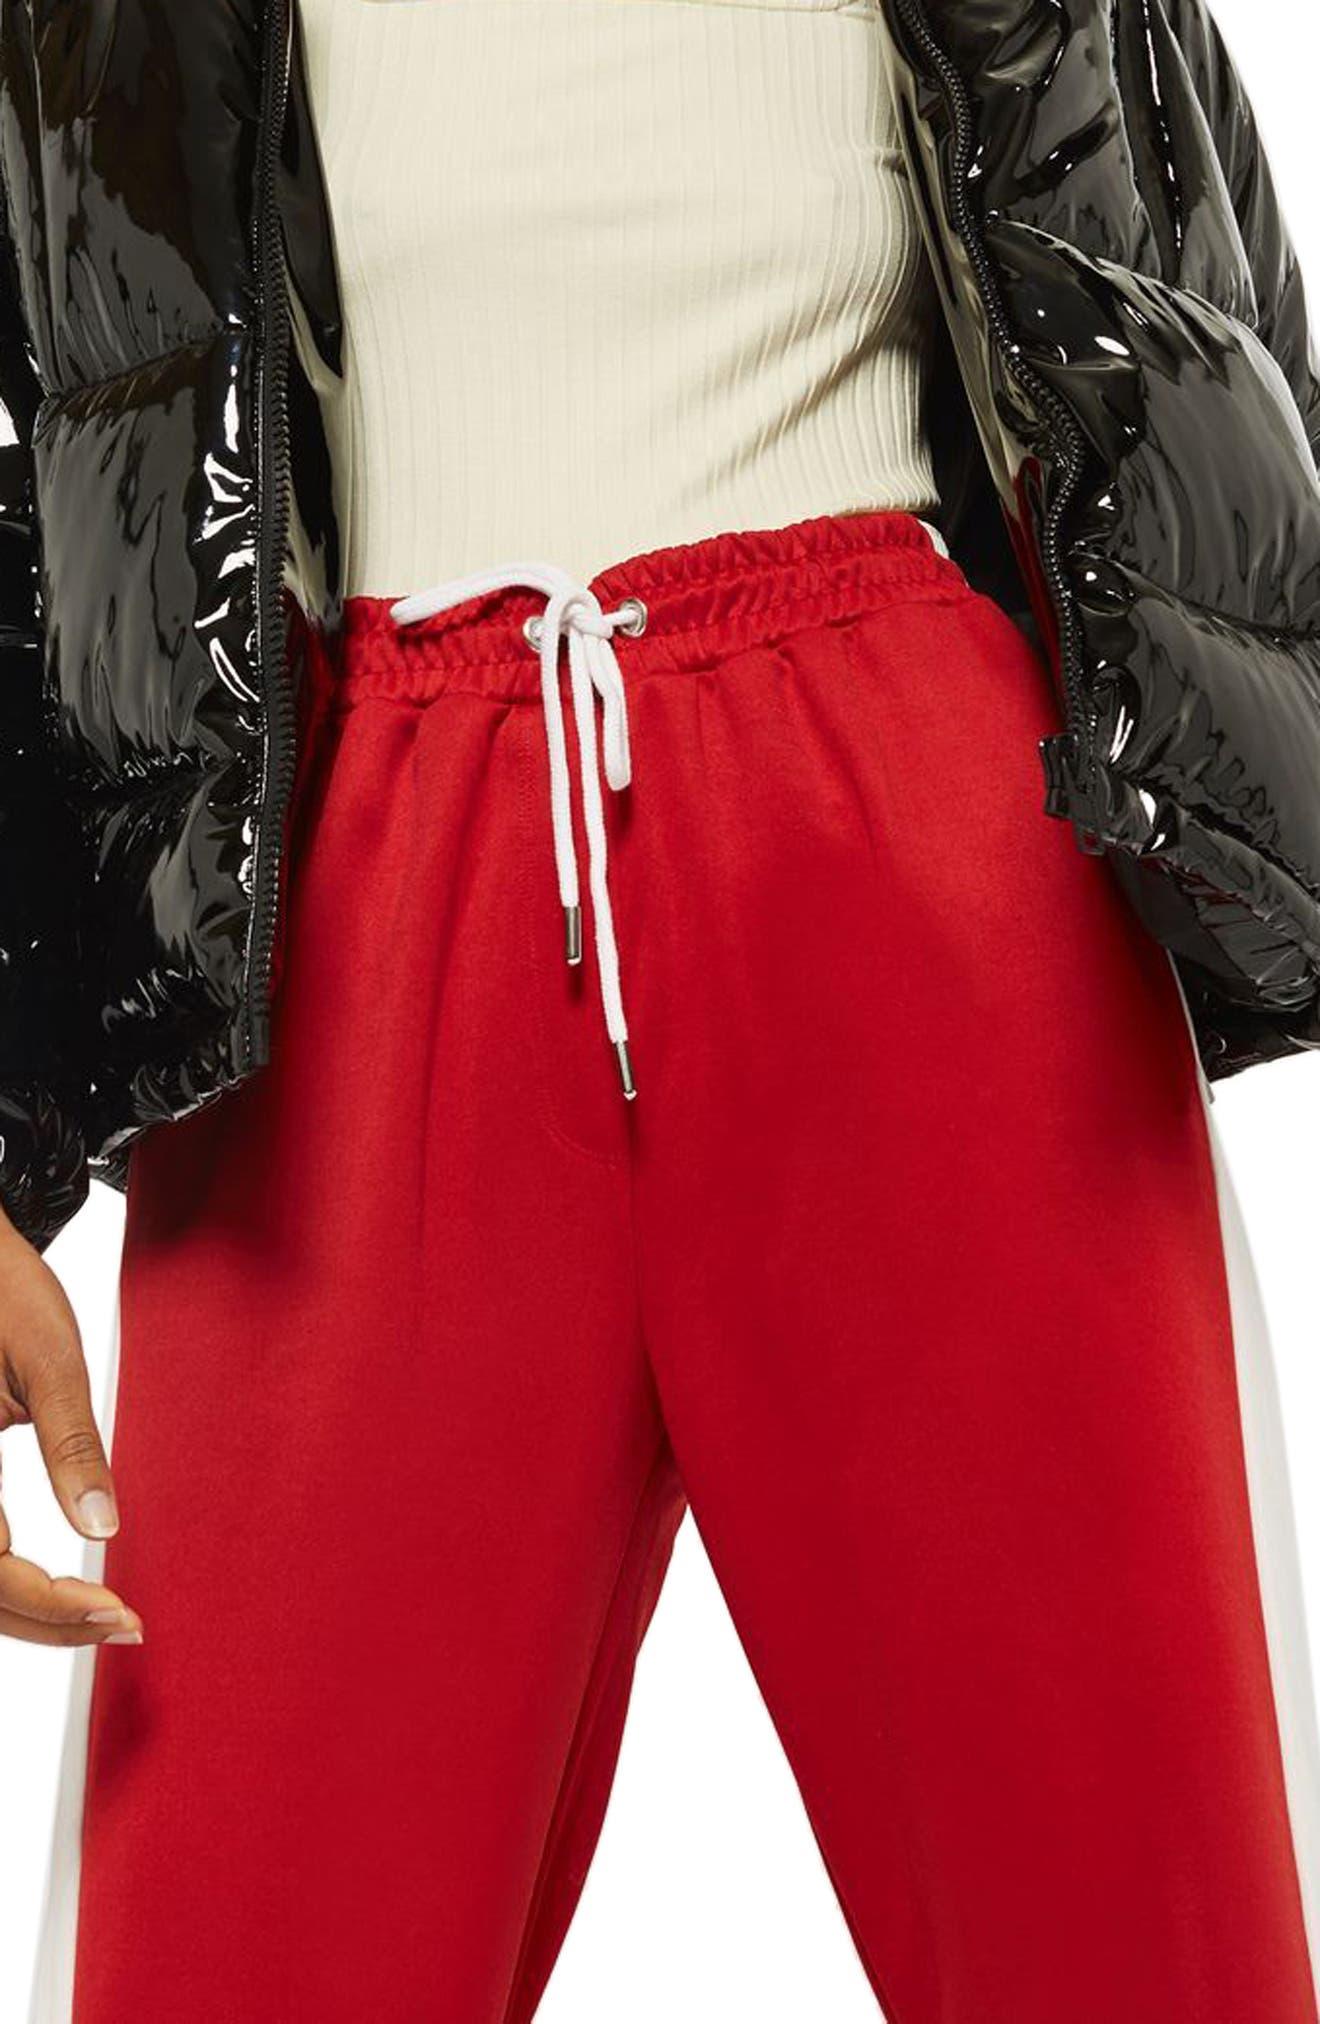 Topshop Side Stripe Track Pants